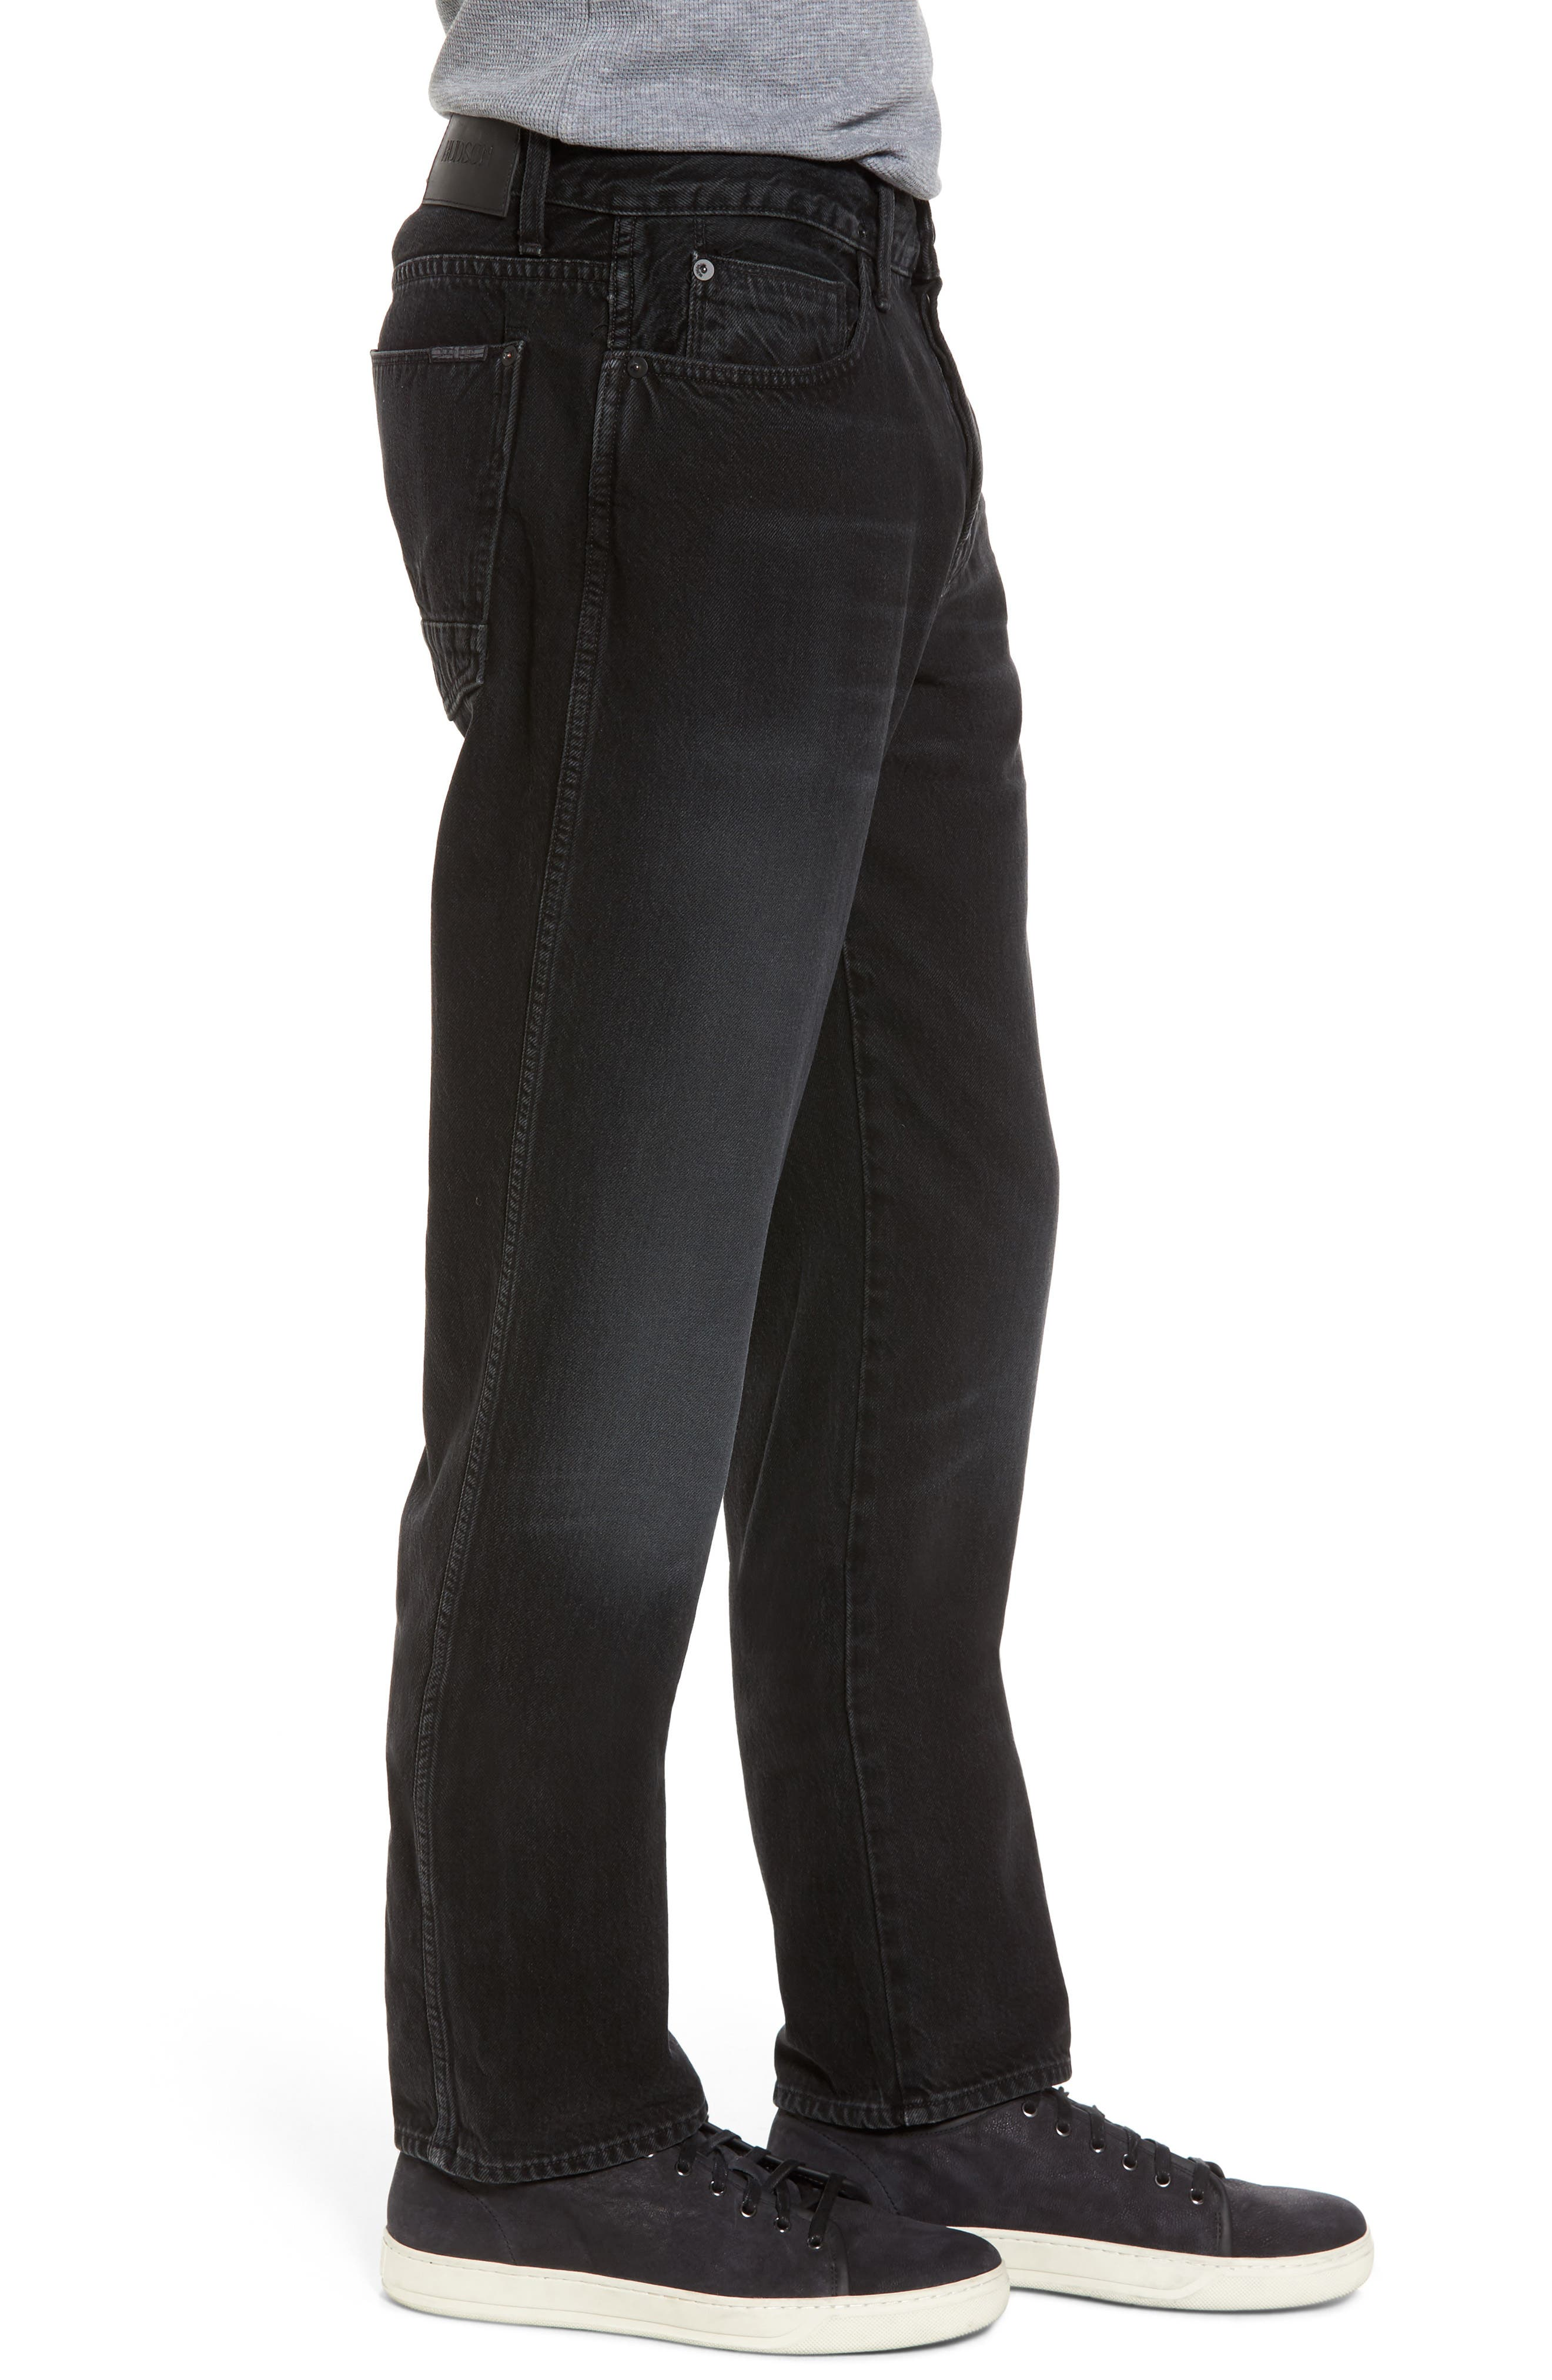 Dixon Straight Fit Jeans,                             Alternate thumbnail 3, color,                             001